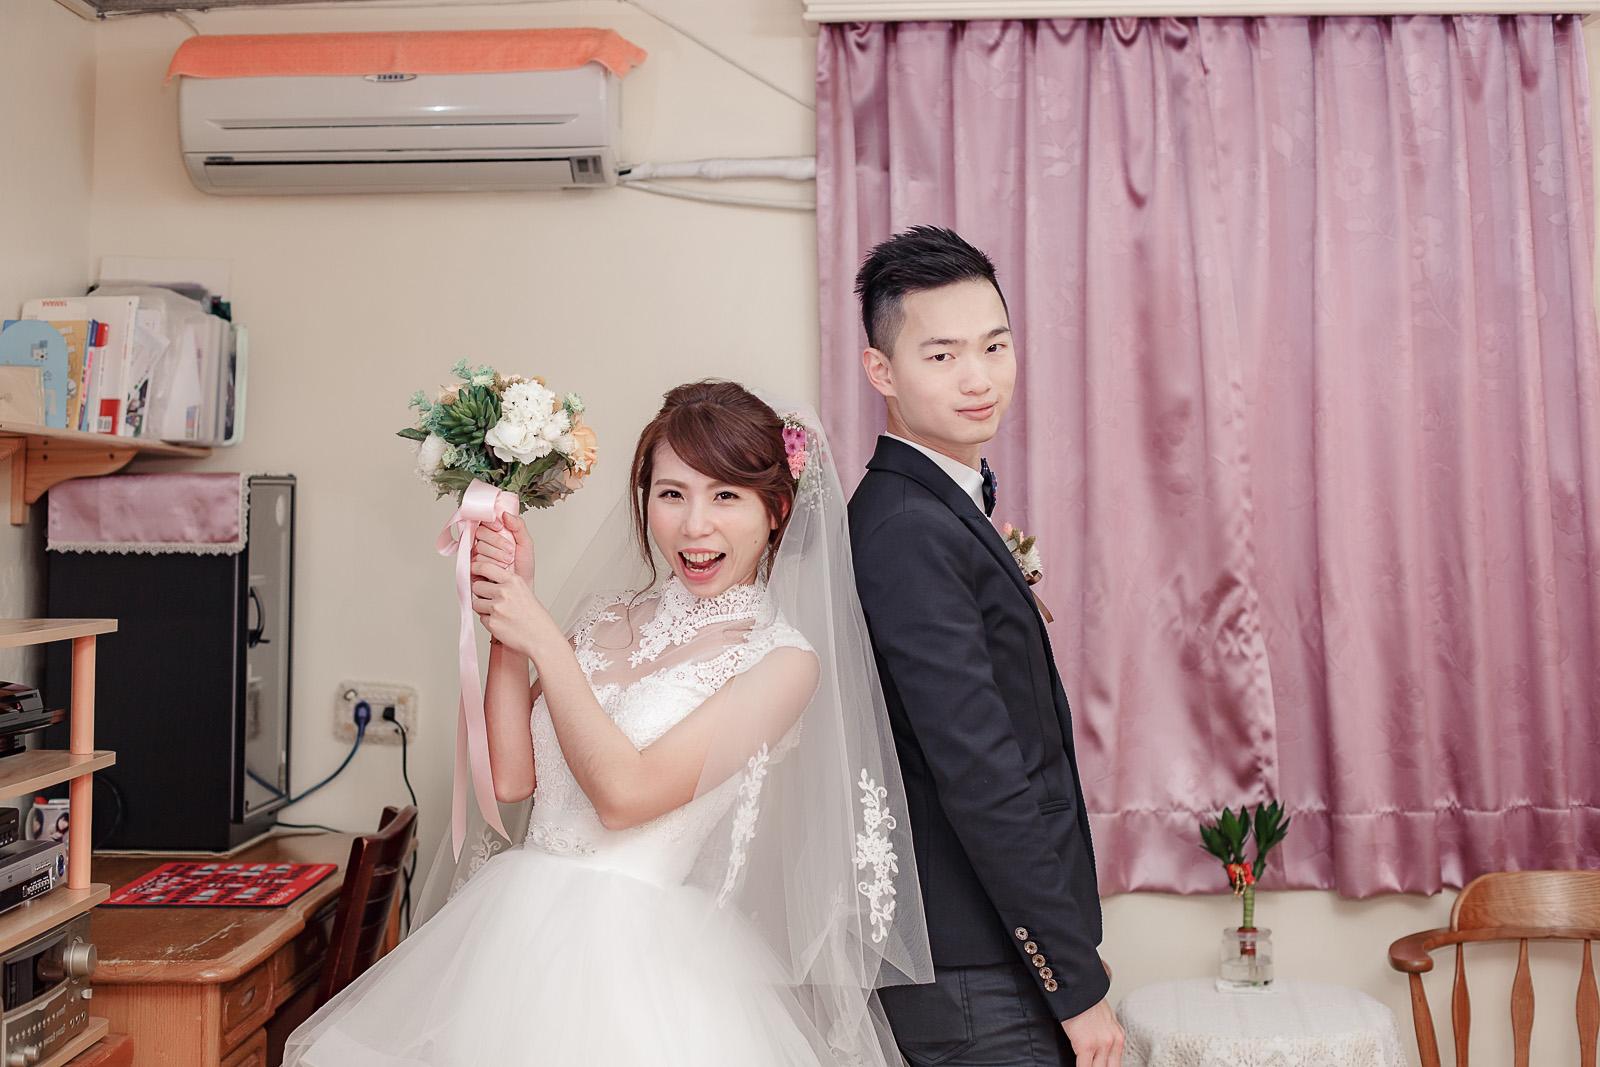 高雄圓山飯店,婚禮攝影,婚攝,高雄婚攝,優質婚攝推薦,Jen&Ethan-194